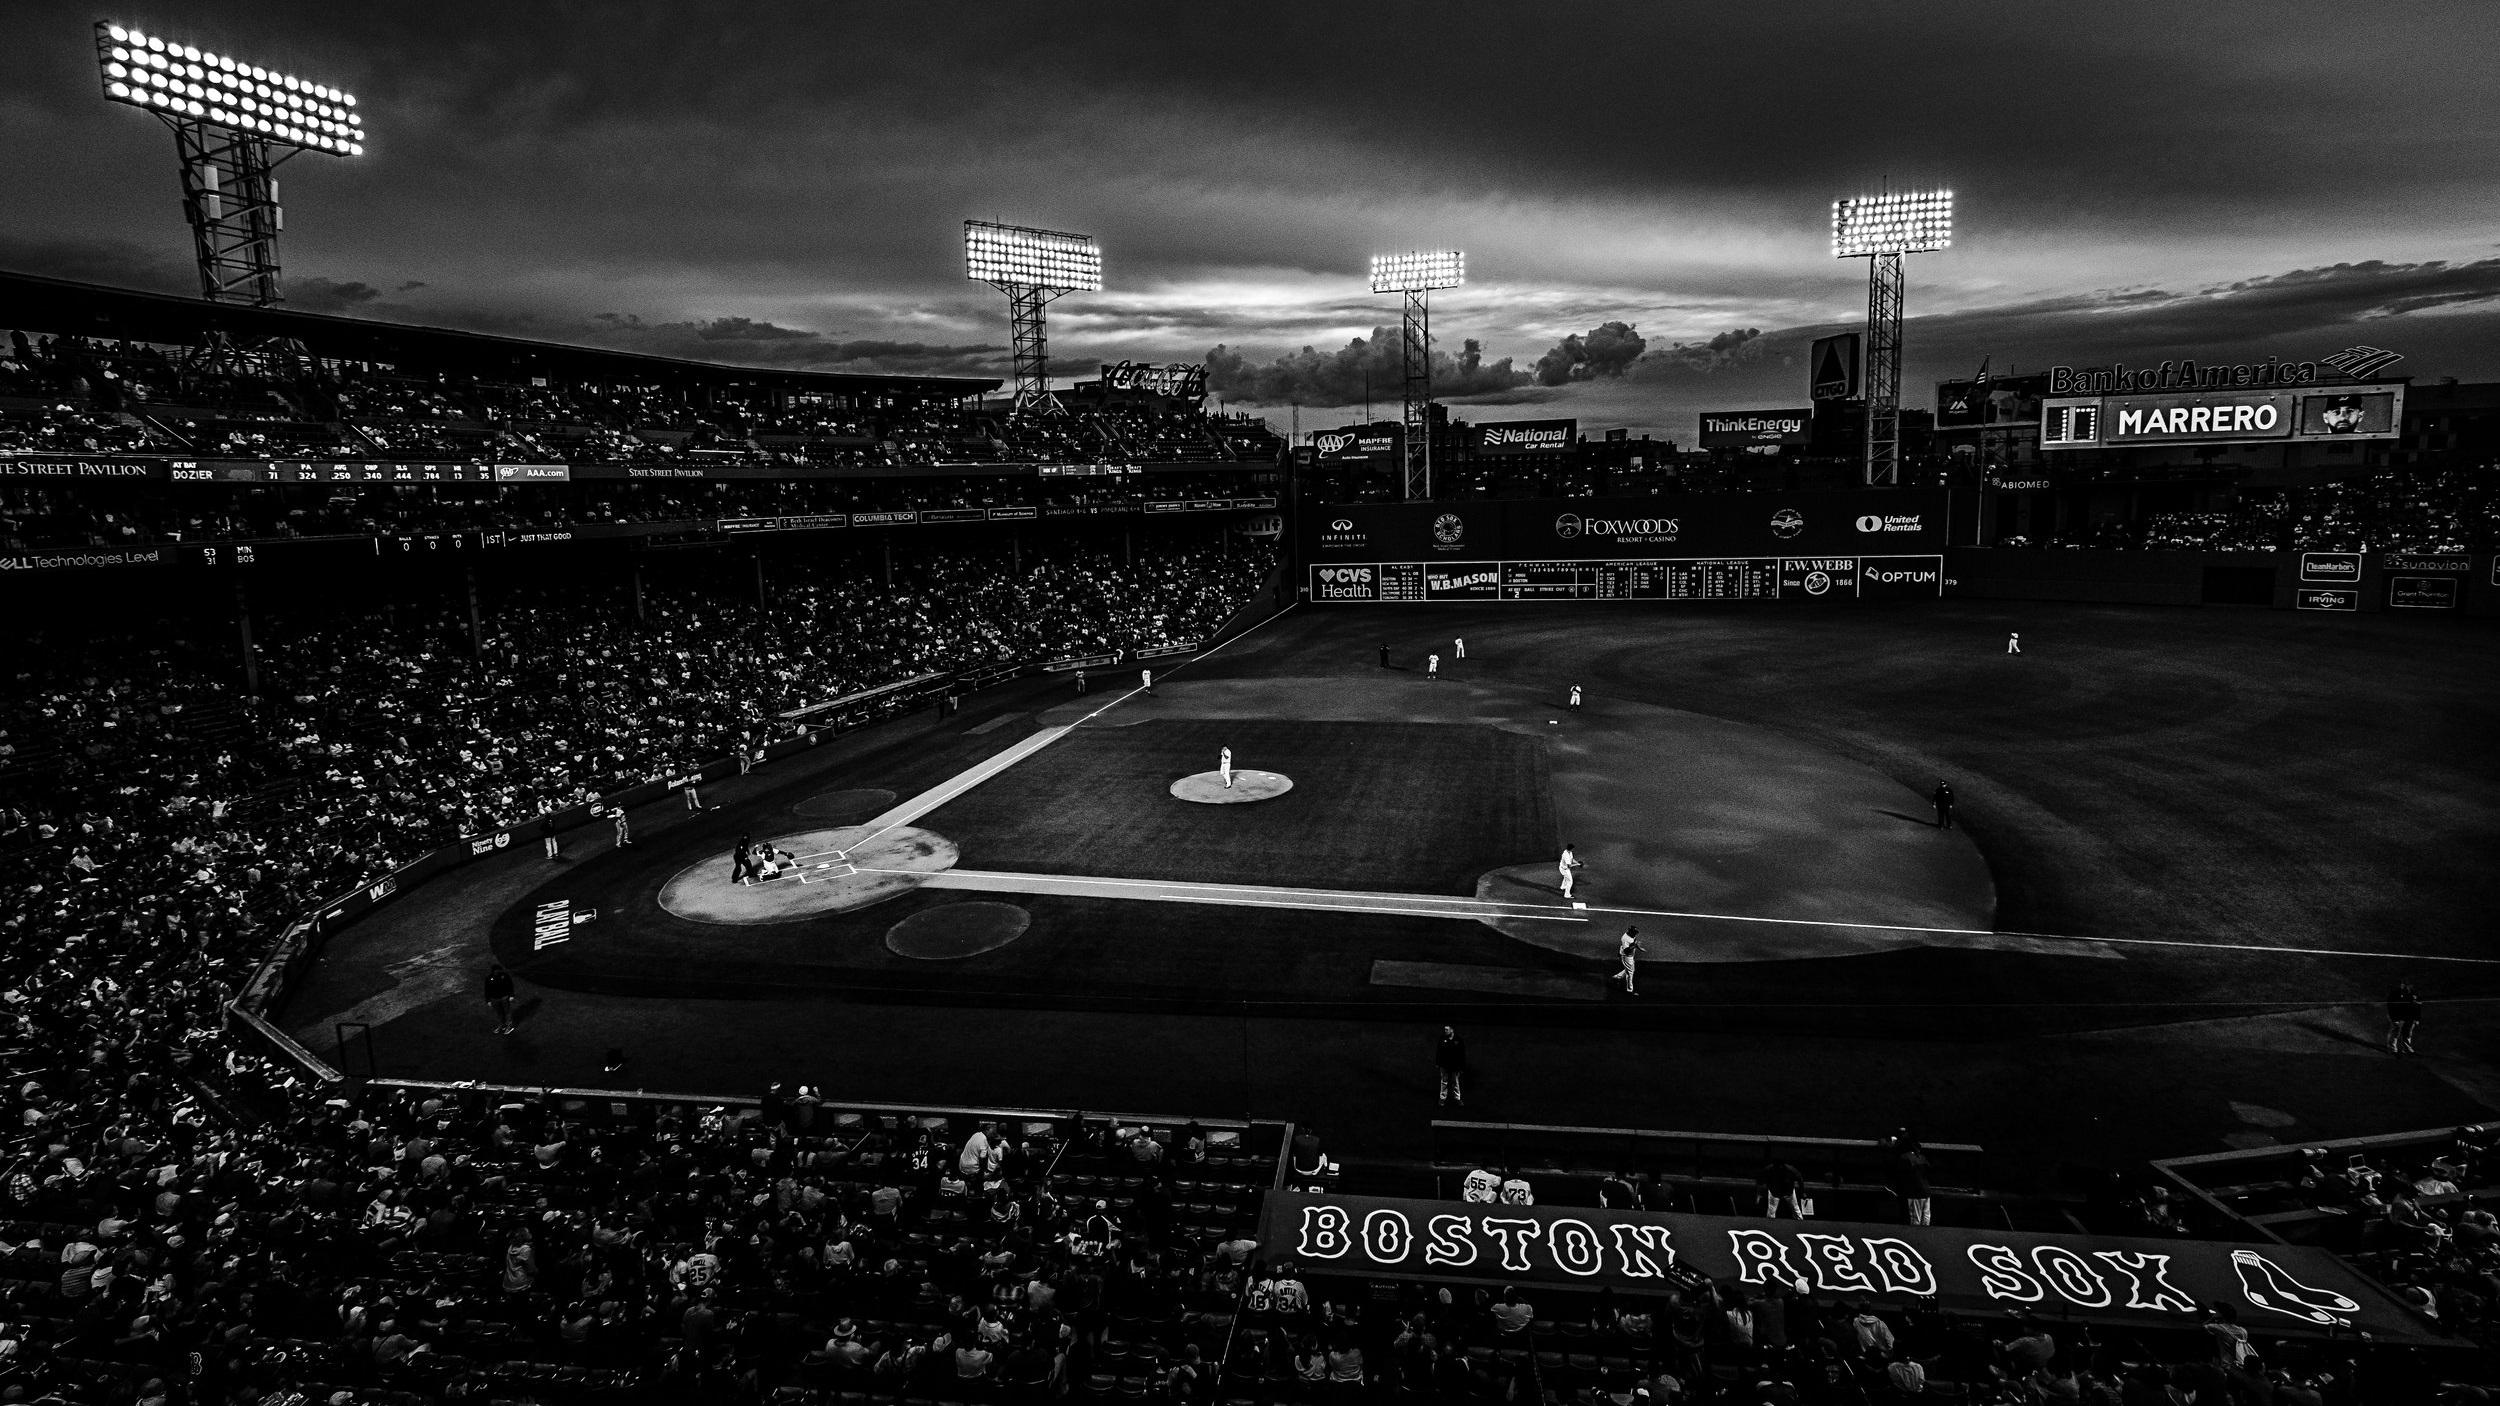 Fenway Park - Baseball-laget Boston Red Sox ikoniska hemmaarena är den äldsta i MLB och byggdes redan 1912. Totalt har klubben vunnit nio World Series och här finns guidade turer och ett museum - Fenway Park Museum.